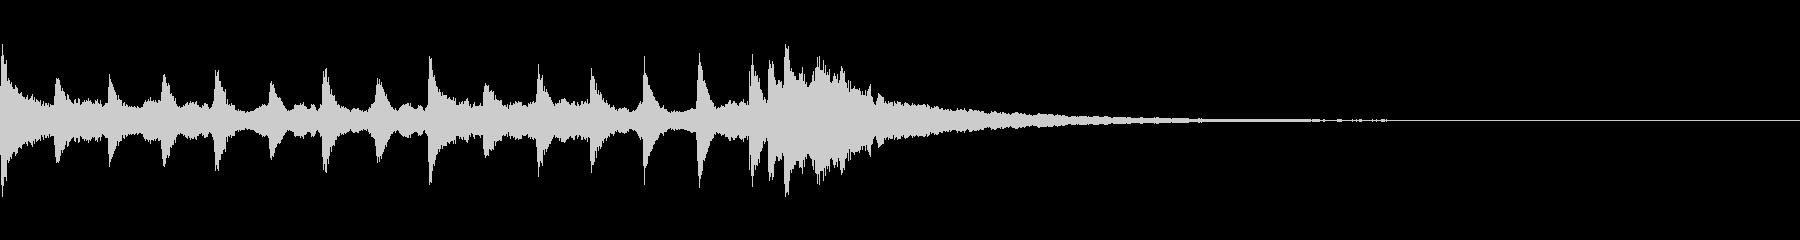 氷・クリスタルイメージの通知音の未再生の波形